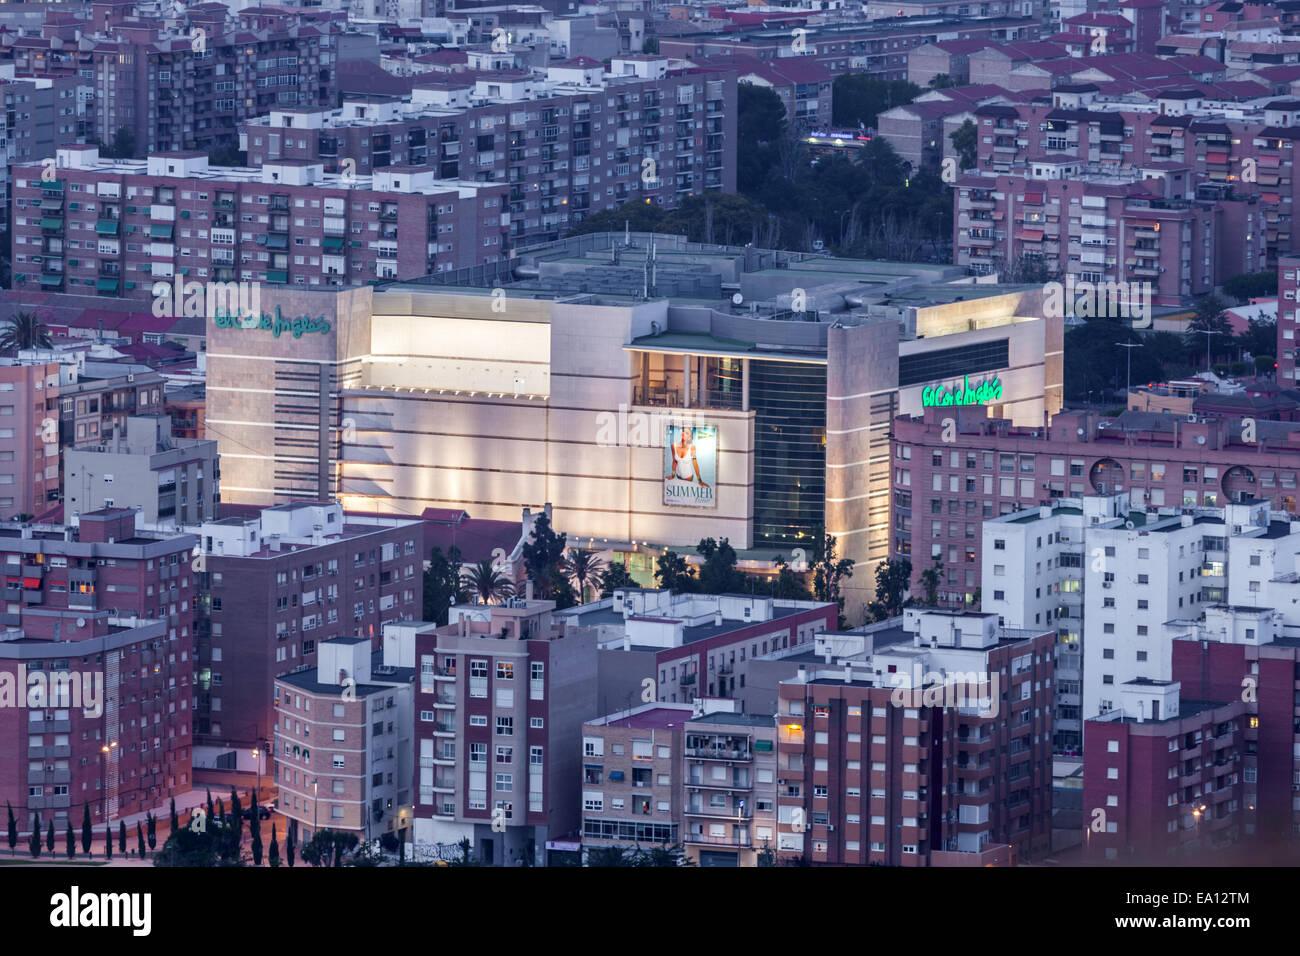 El Corte Ingles Einkaufszentrum in Cartagena, Spanien Stockbild